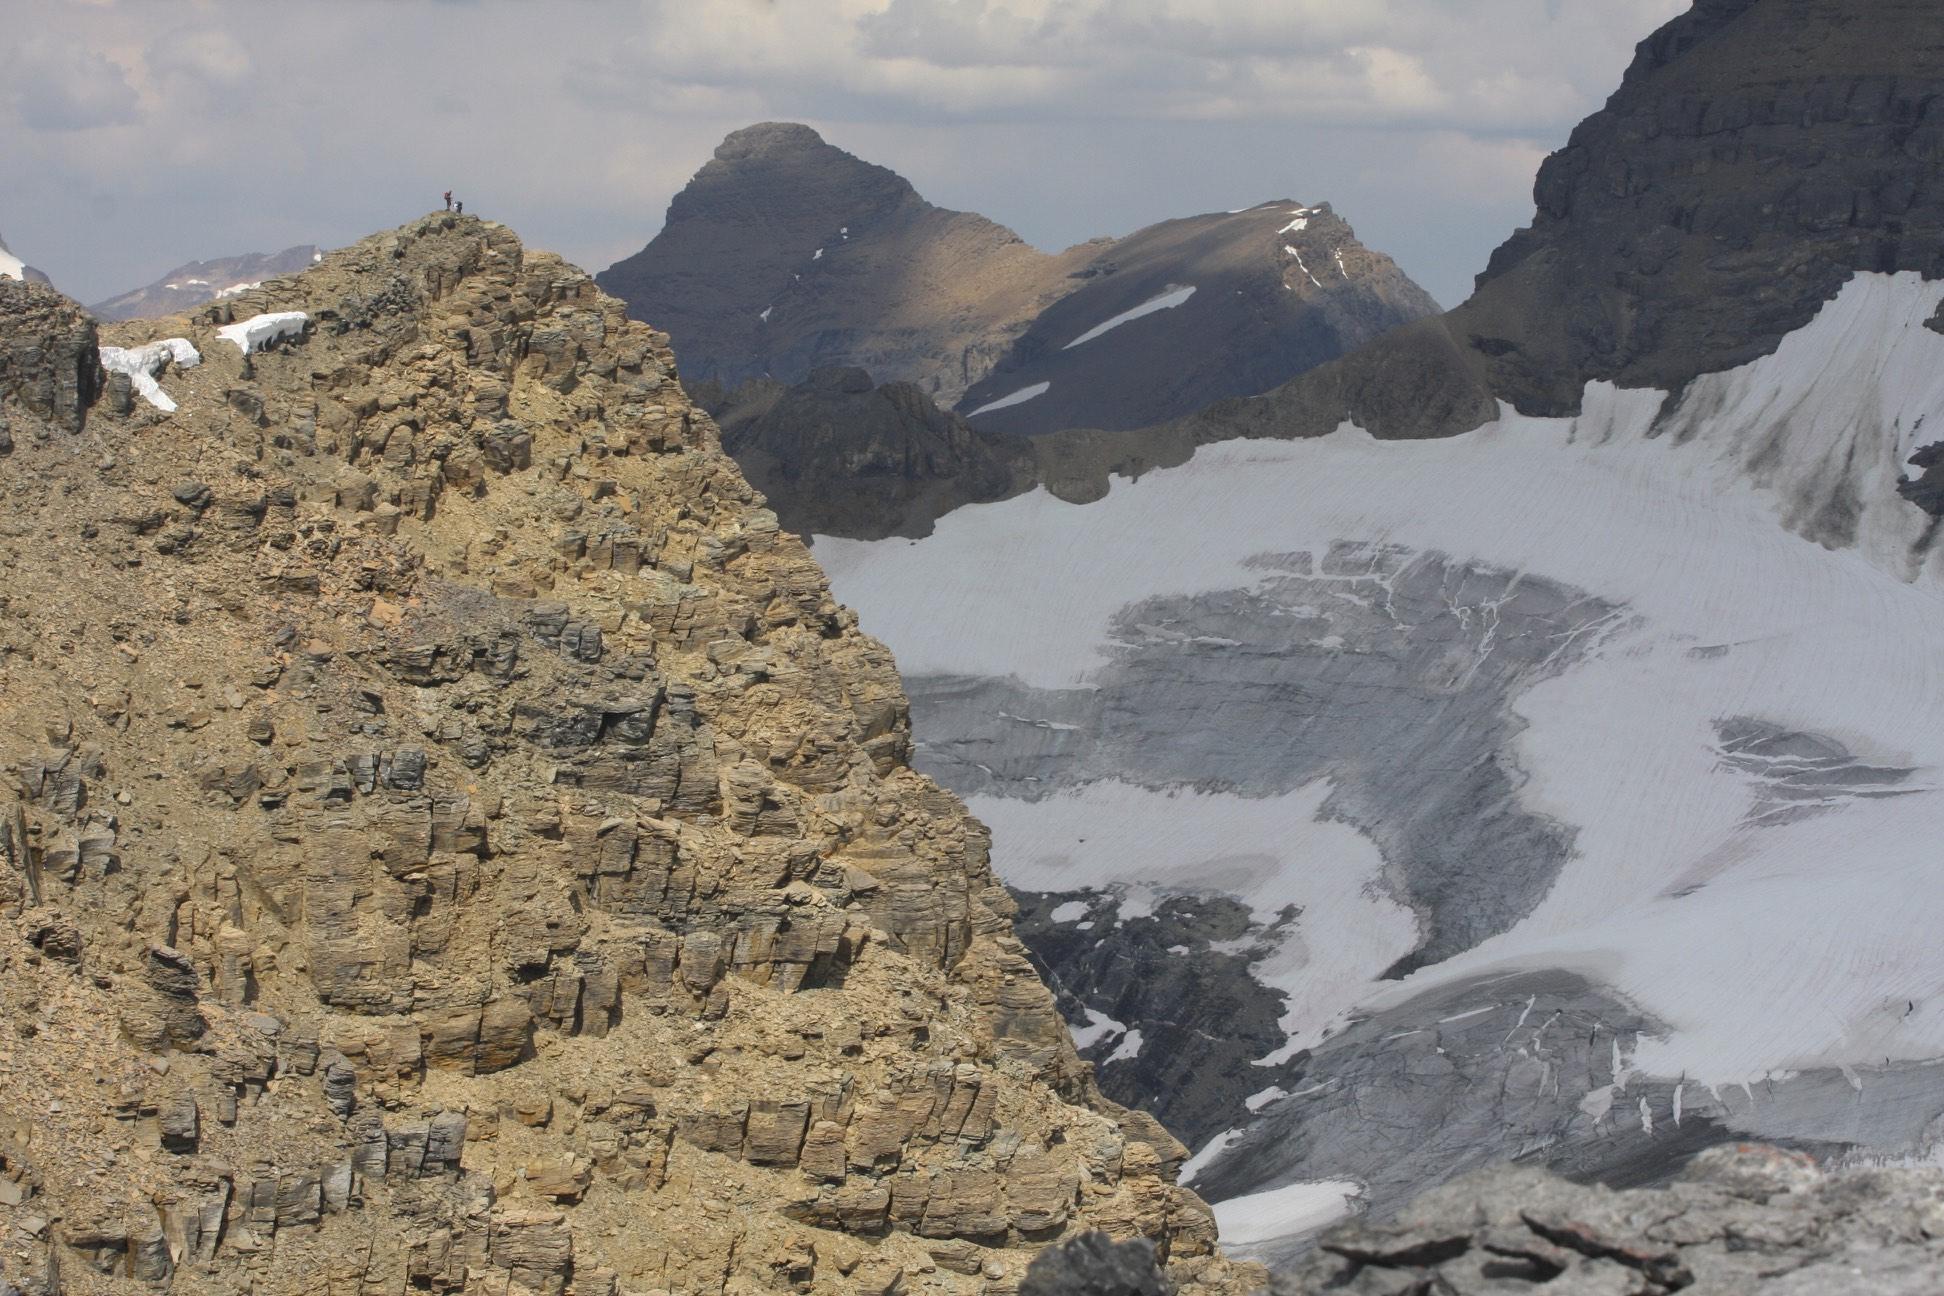 The summit of Little Alberta